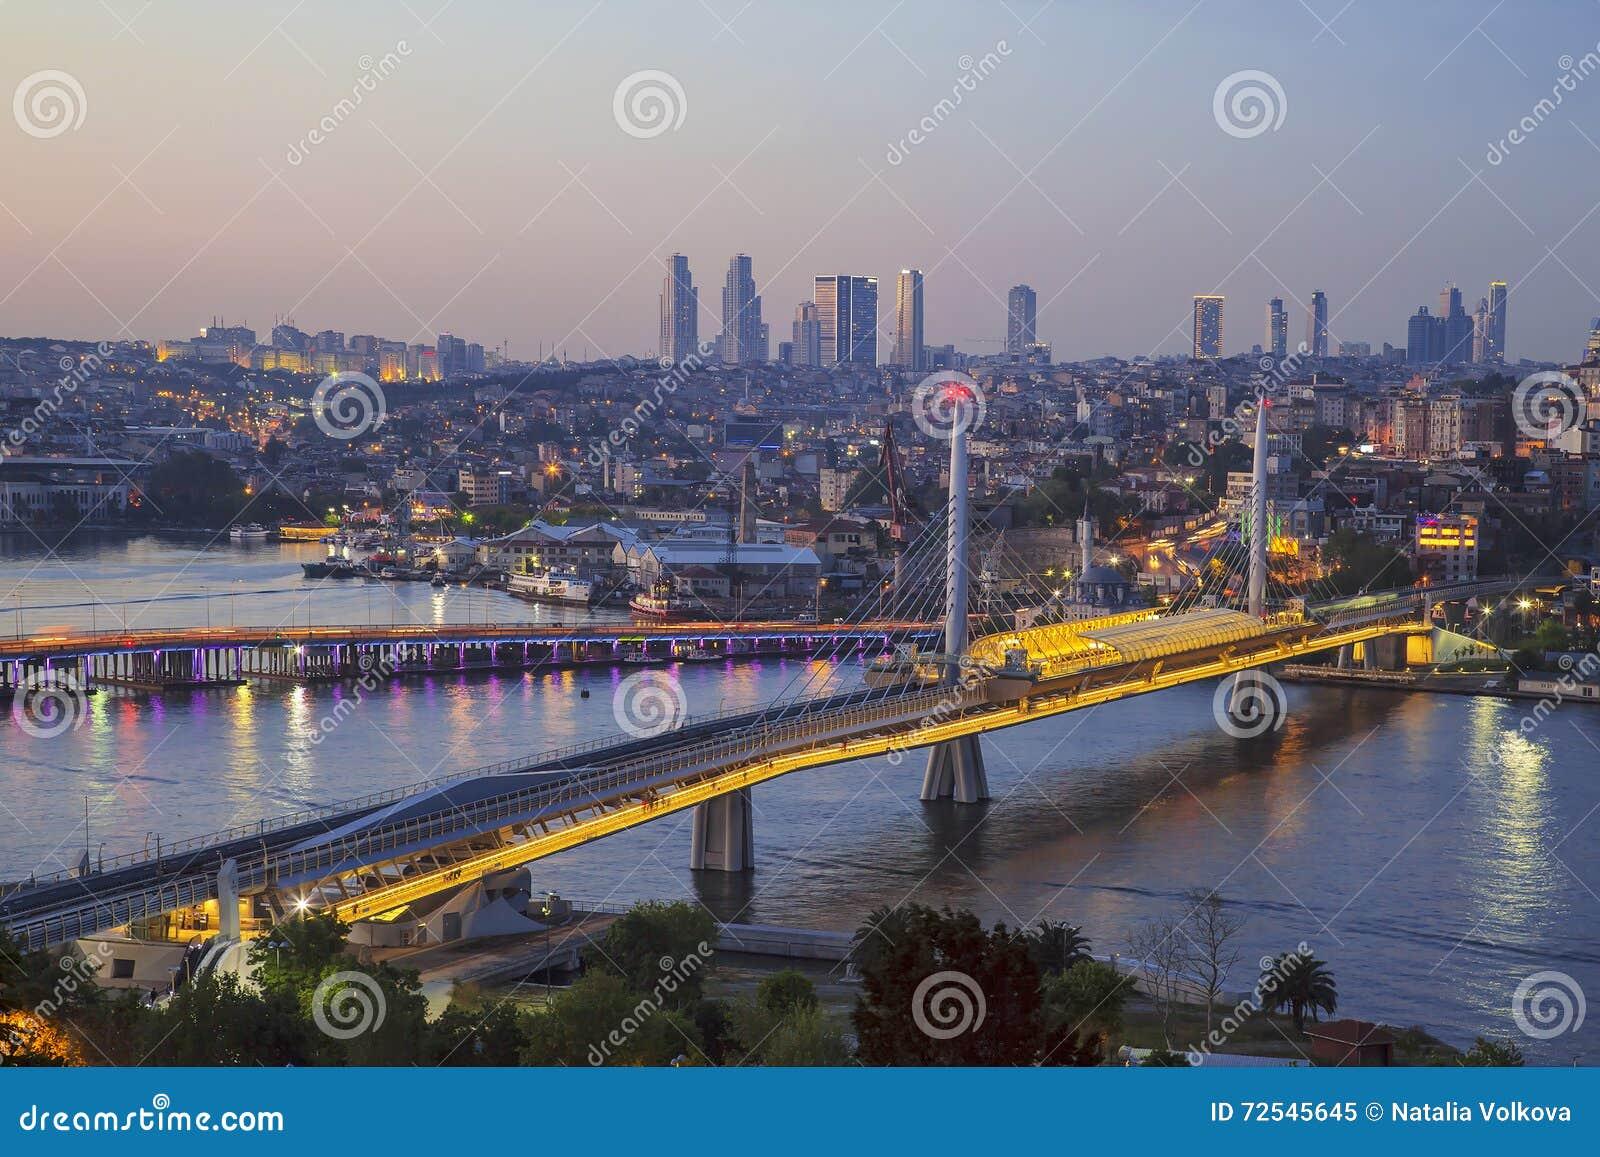 Ponte di Ataturk, ponte della metropolitana e corno dorato alla notte - Costantinopoli,